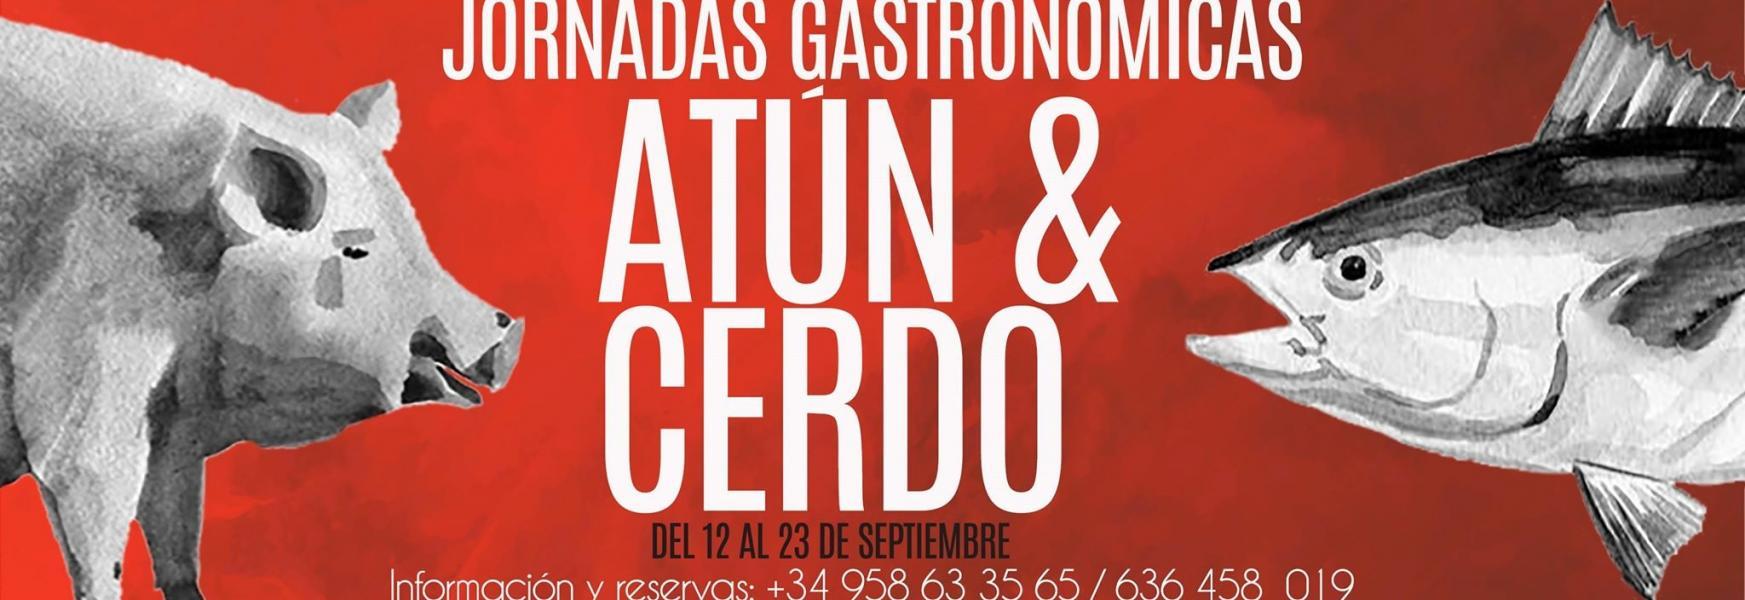 JORNADAS ATUN & CERDO